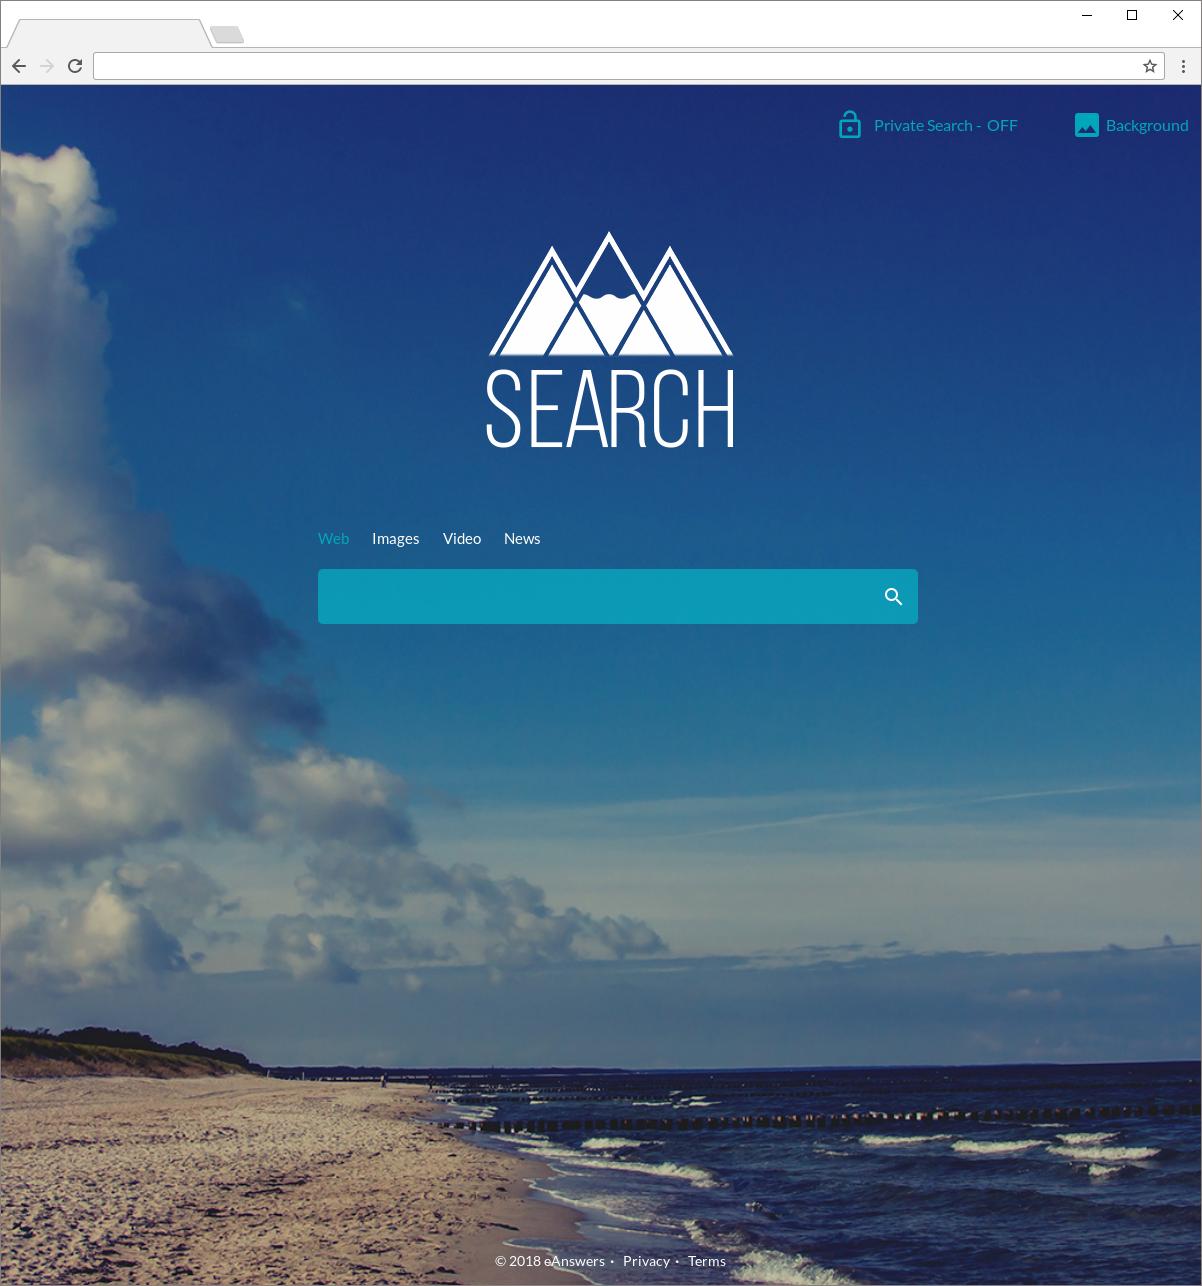 Search.yessearch.net Hijacker